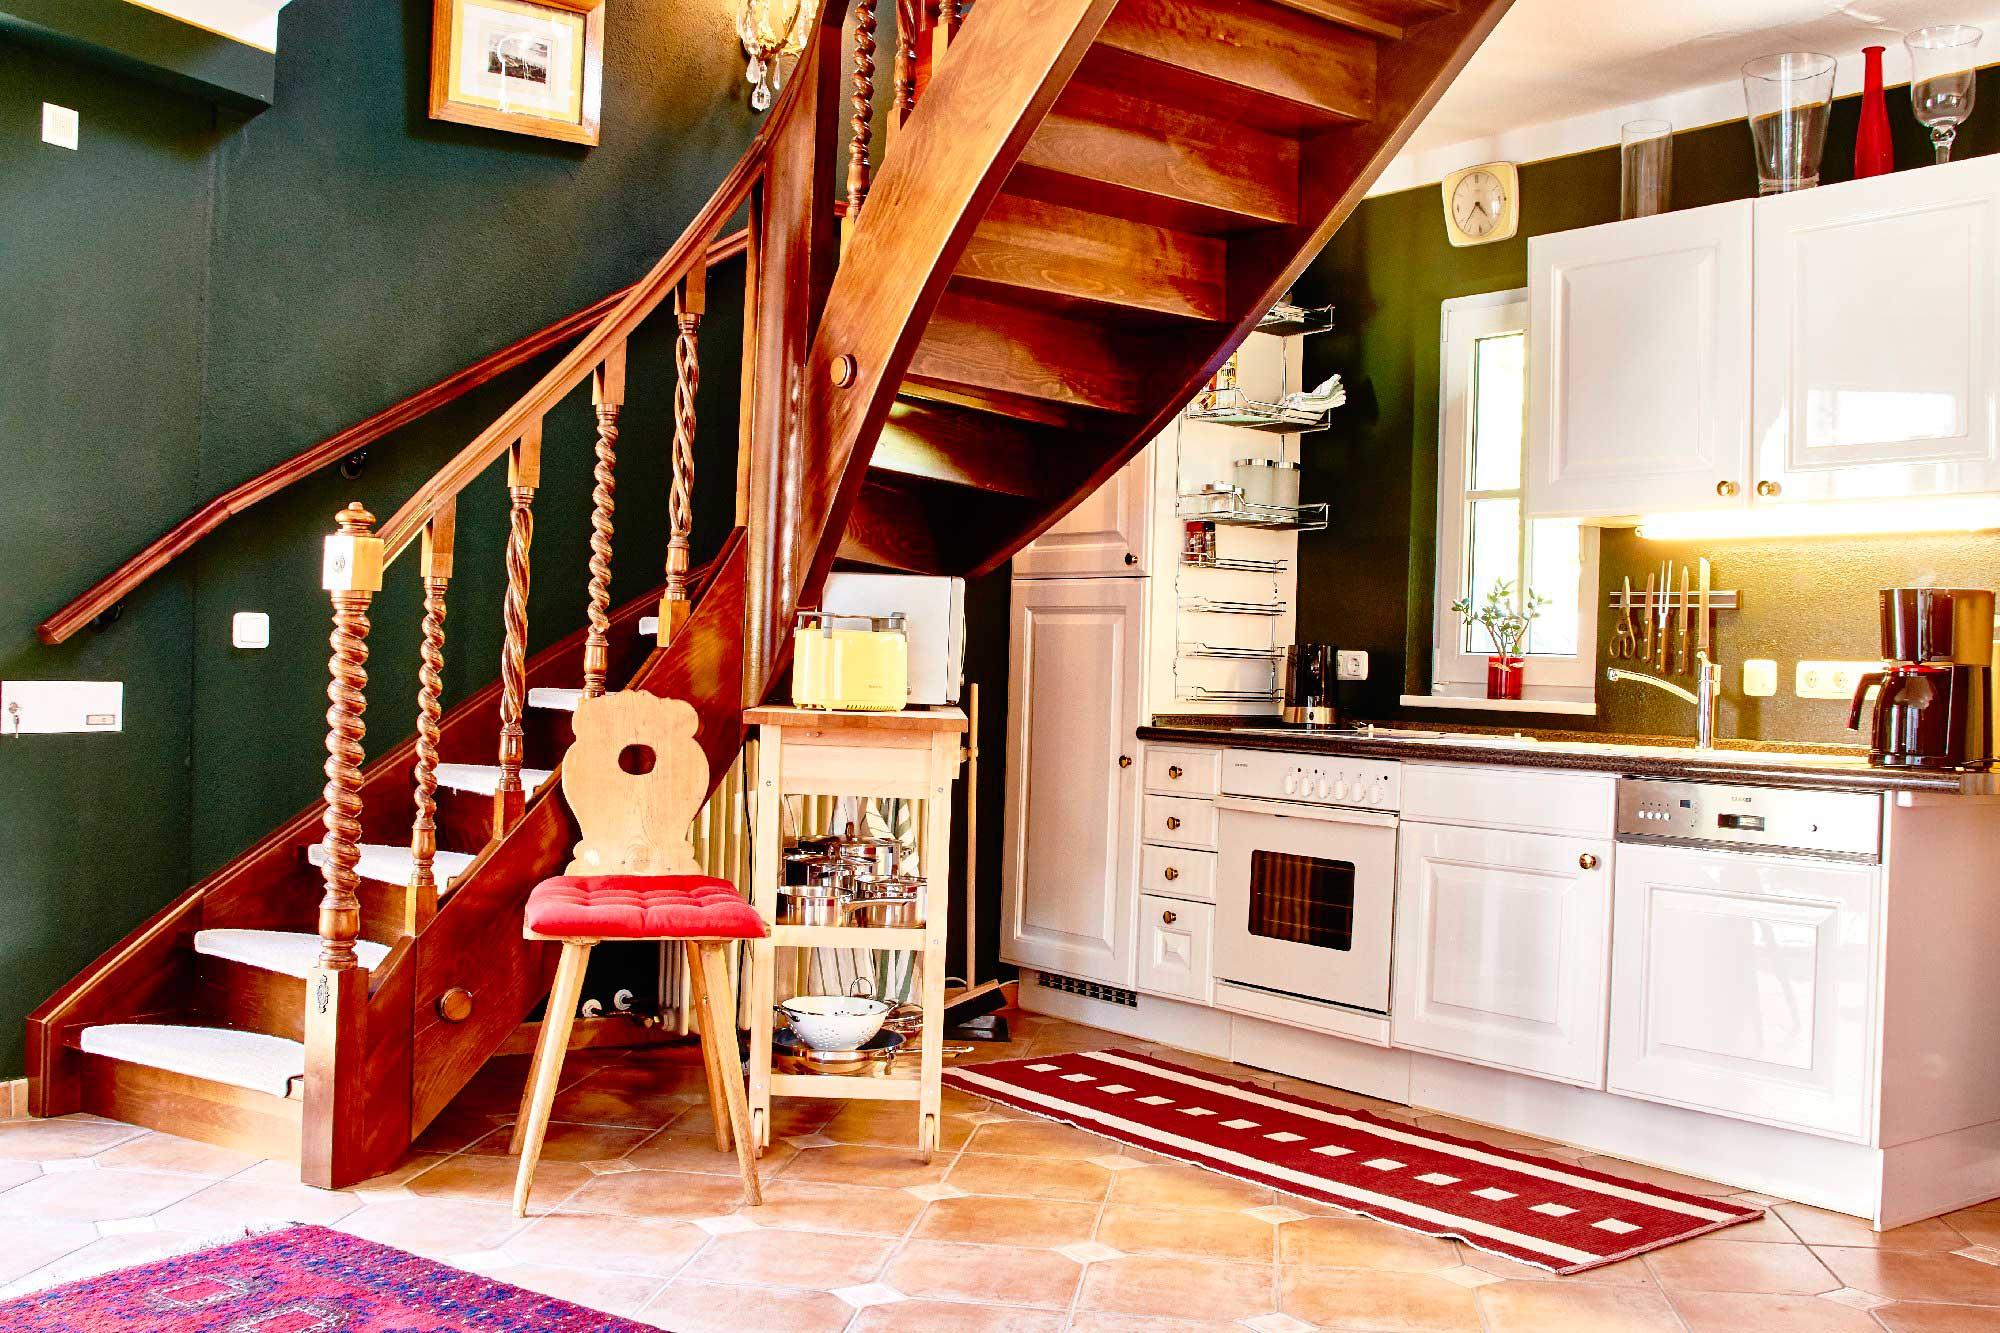 Antiquitätentage Bamberg : Gästehaus villa am eggenbach hundefreundliche ferienwohnung